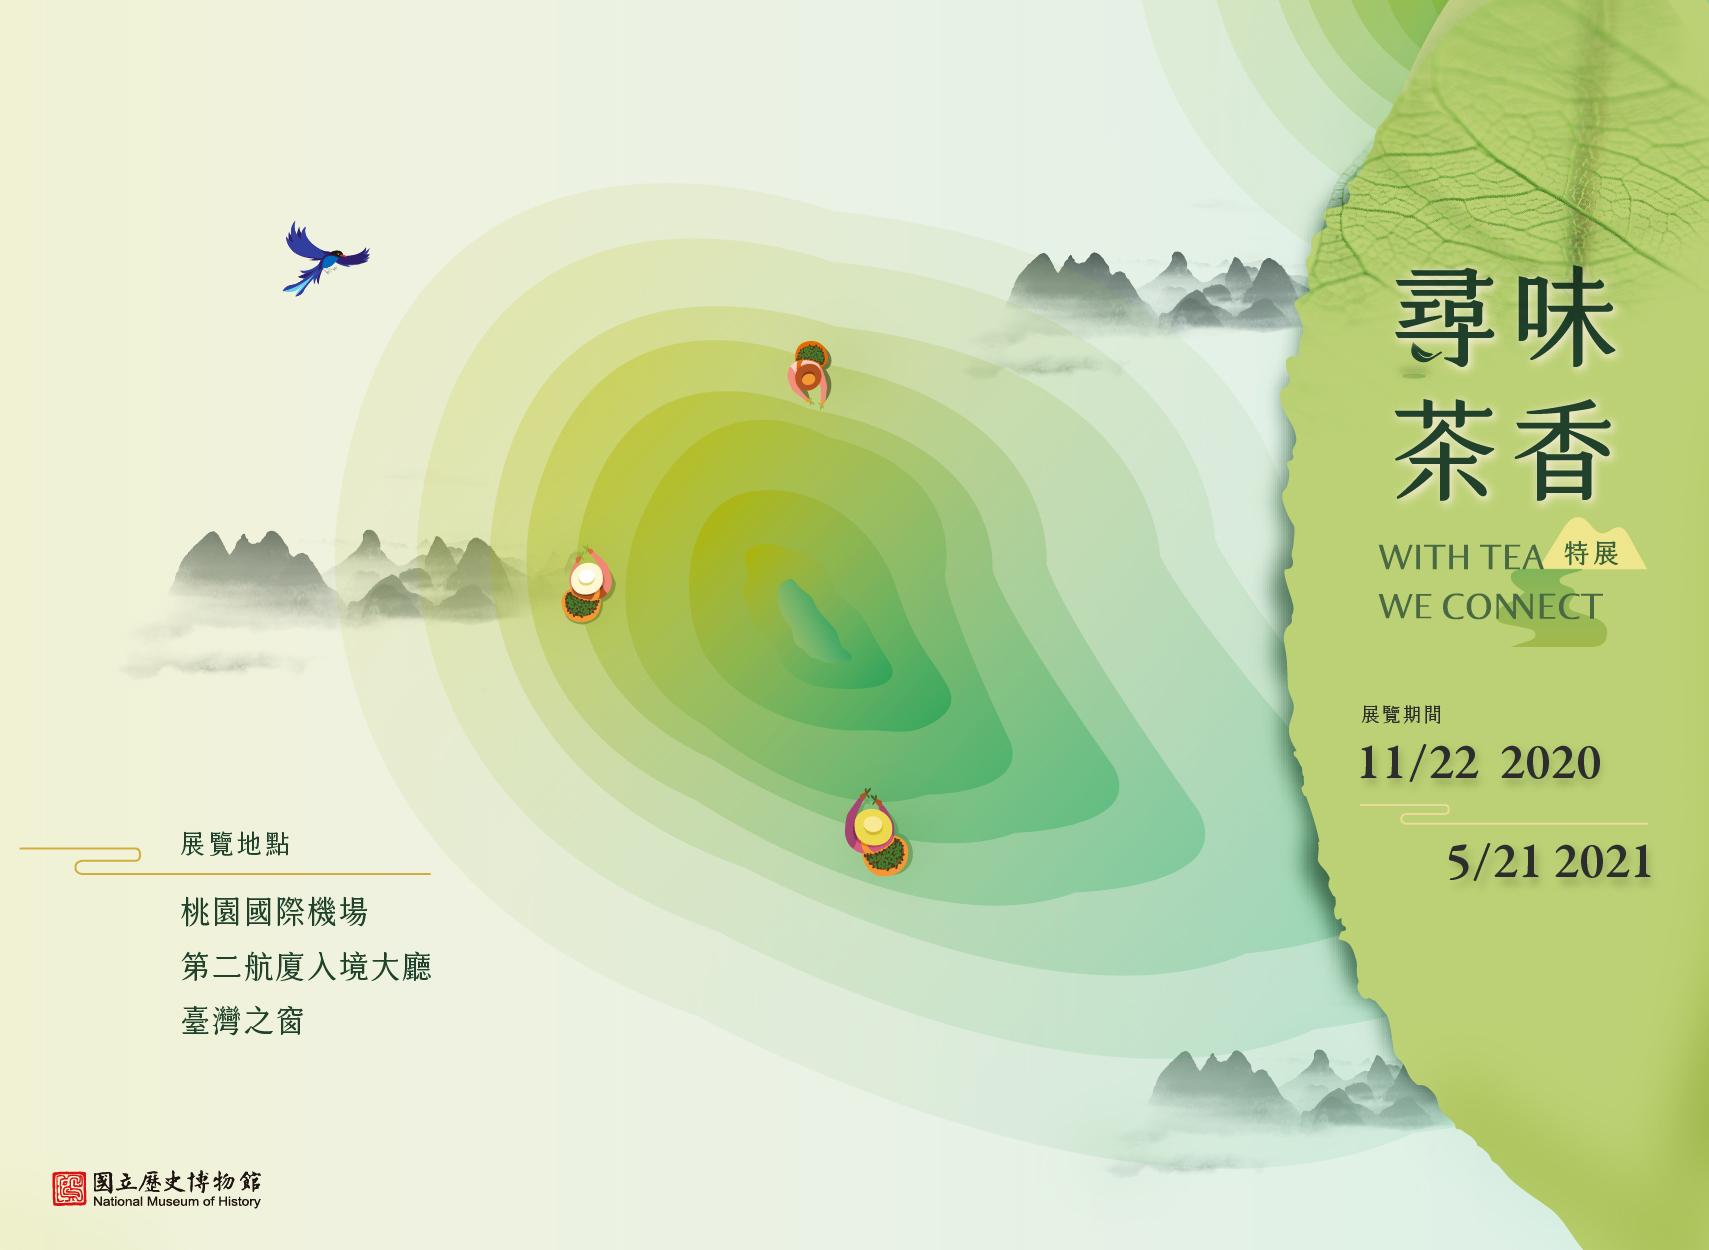 國立歷史博物館:2020/11/22-2021/05/21【「尋味茶香」特展】